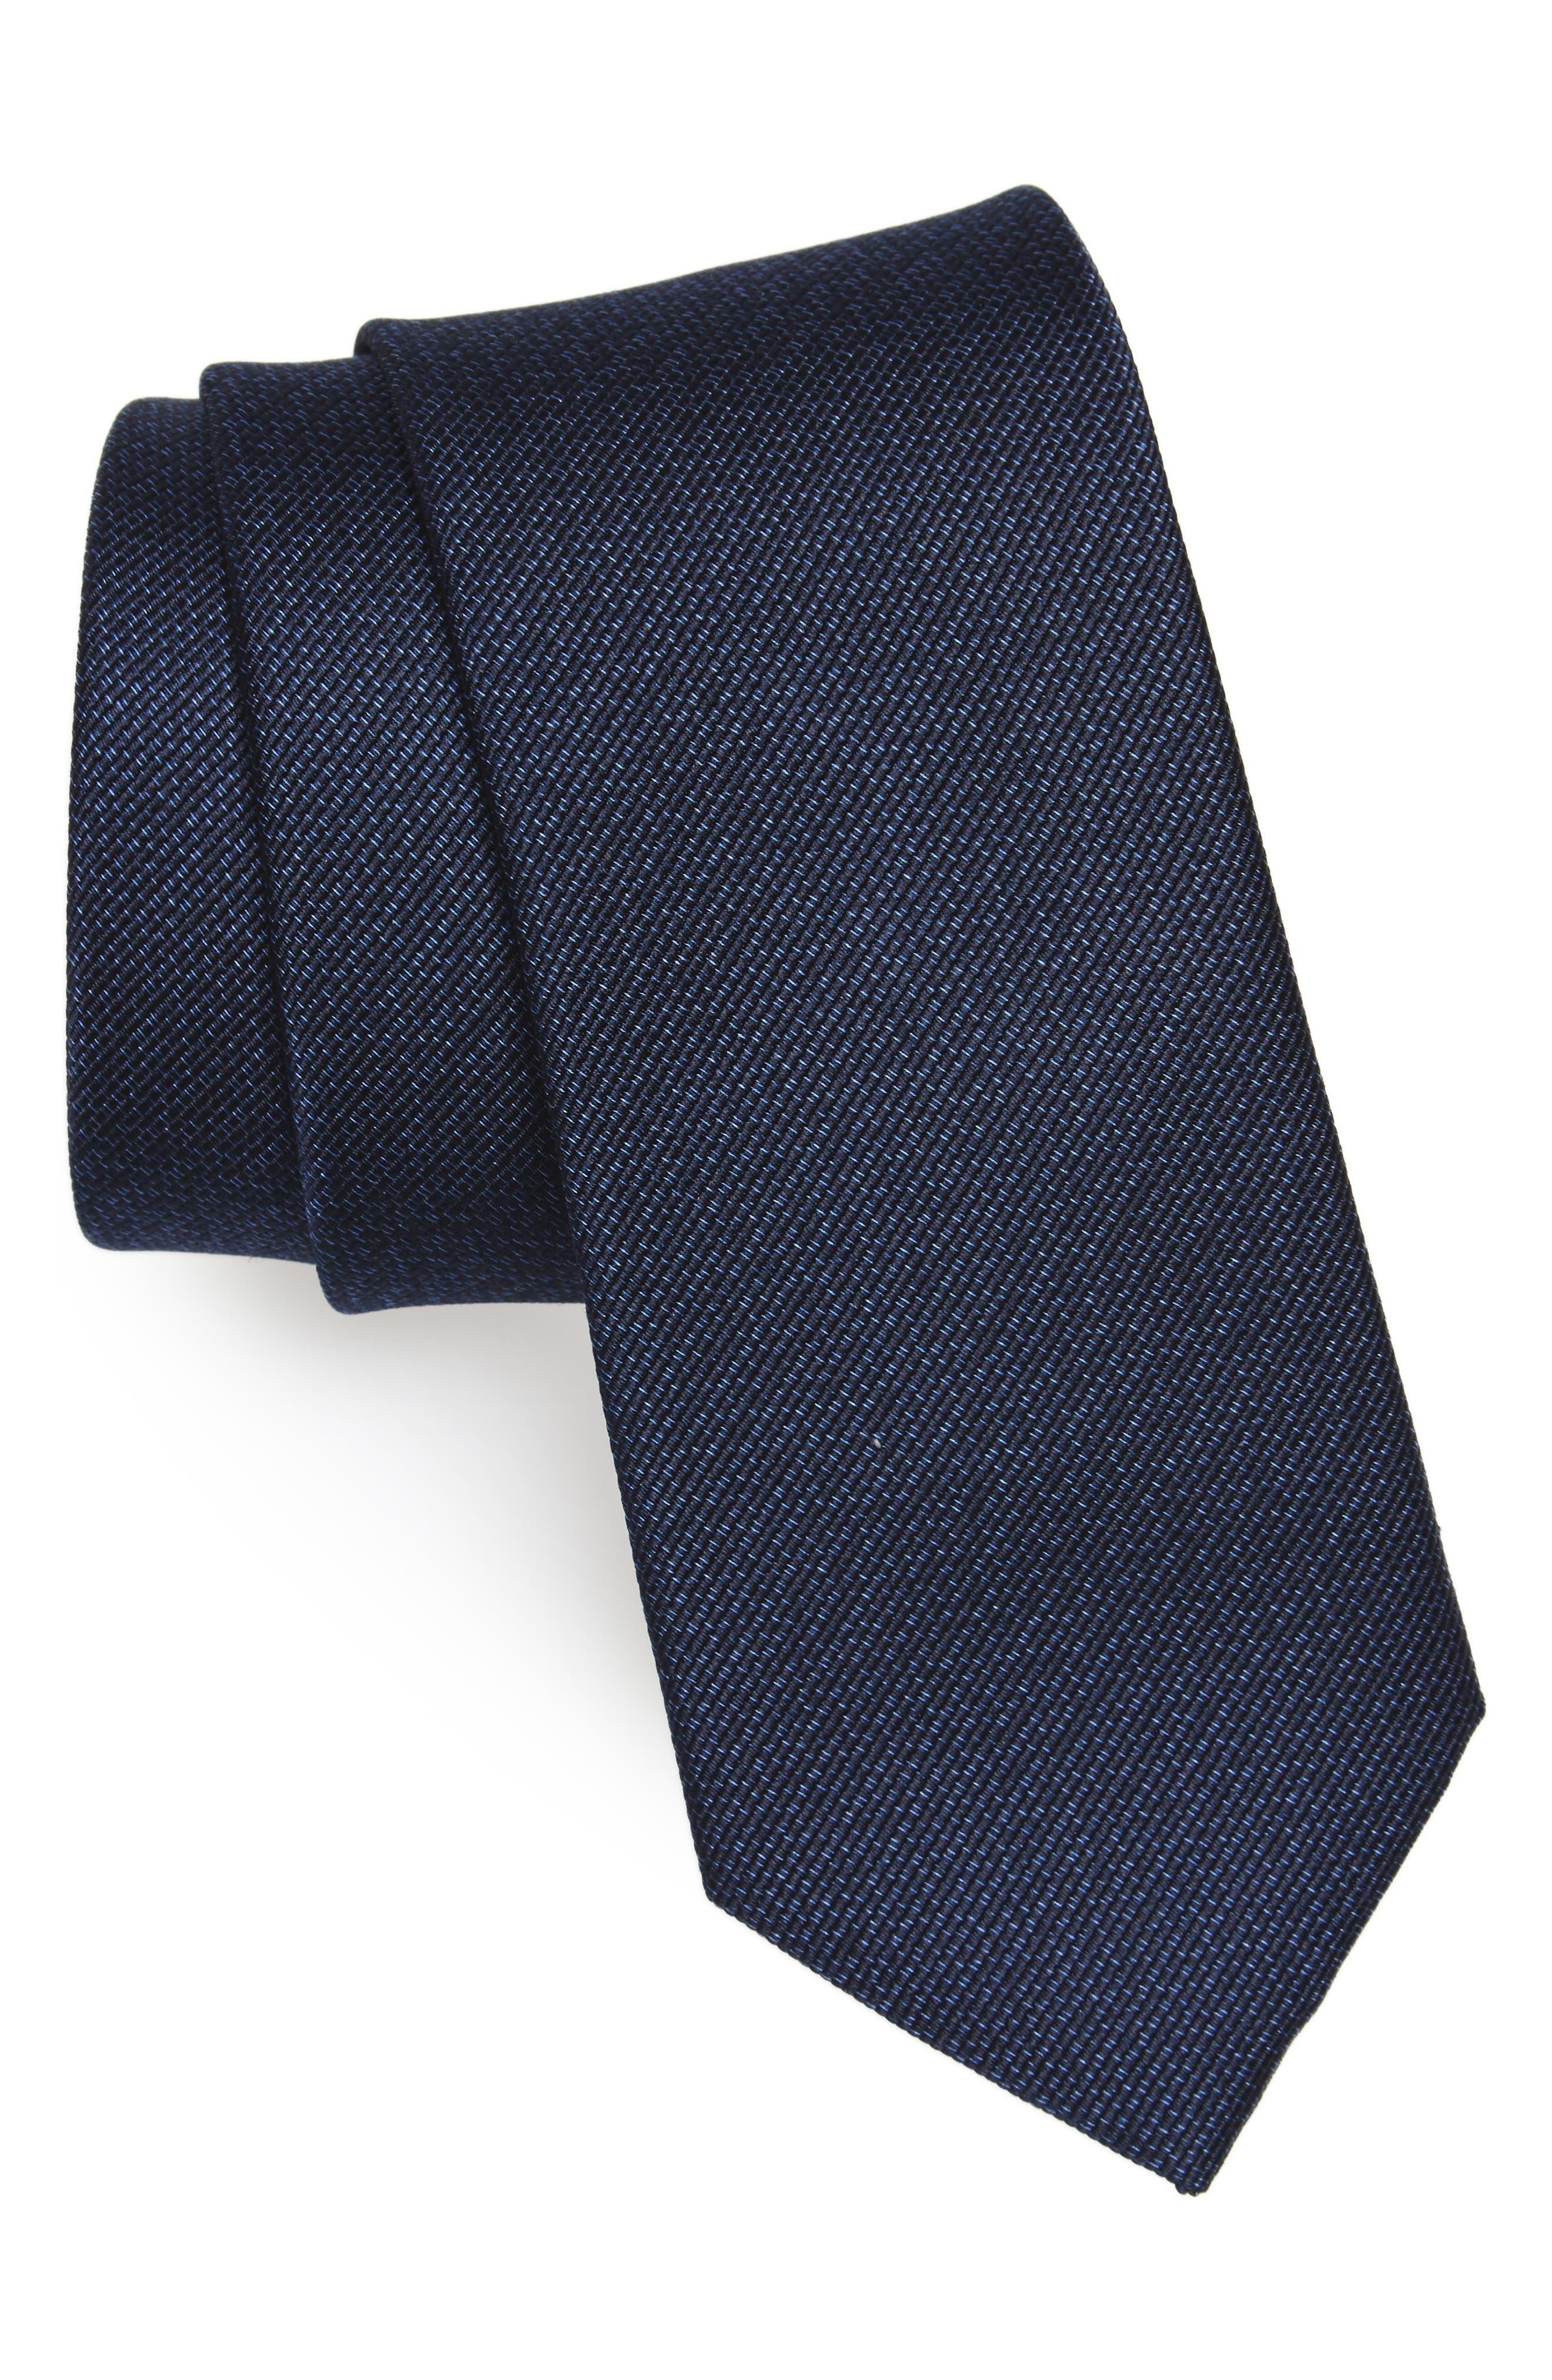 Main Image - Nordstrom Men's Shop Mesa Solid Silk Tie